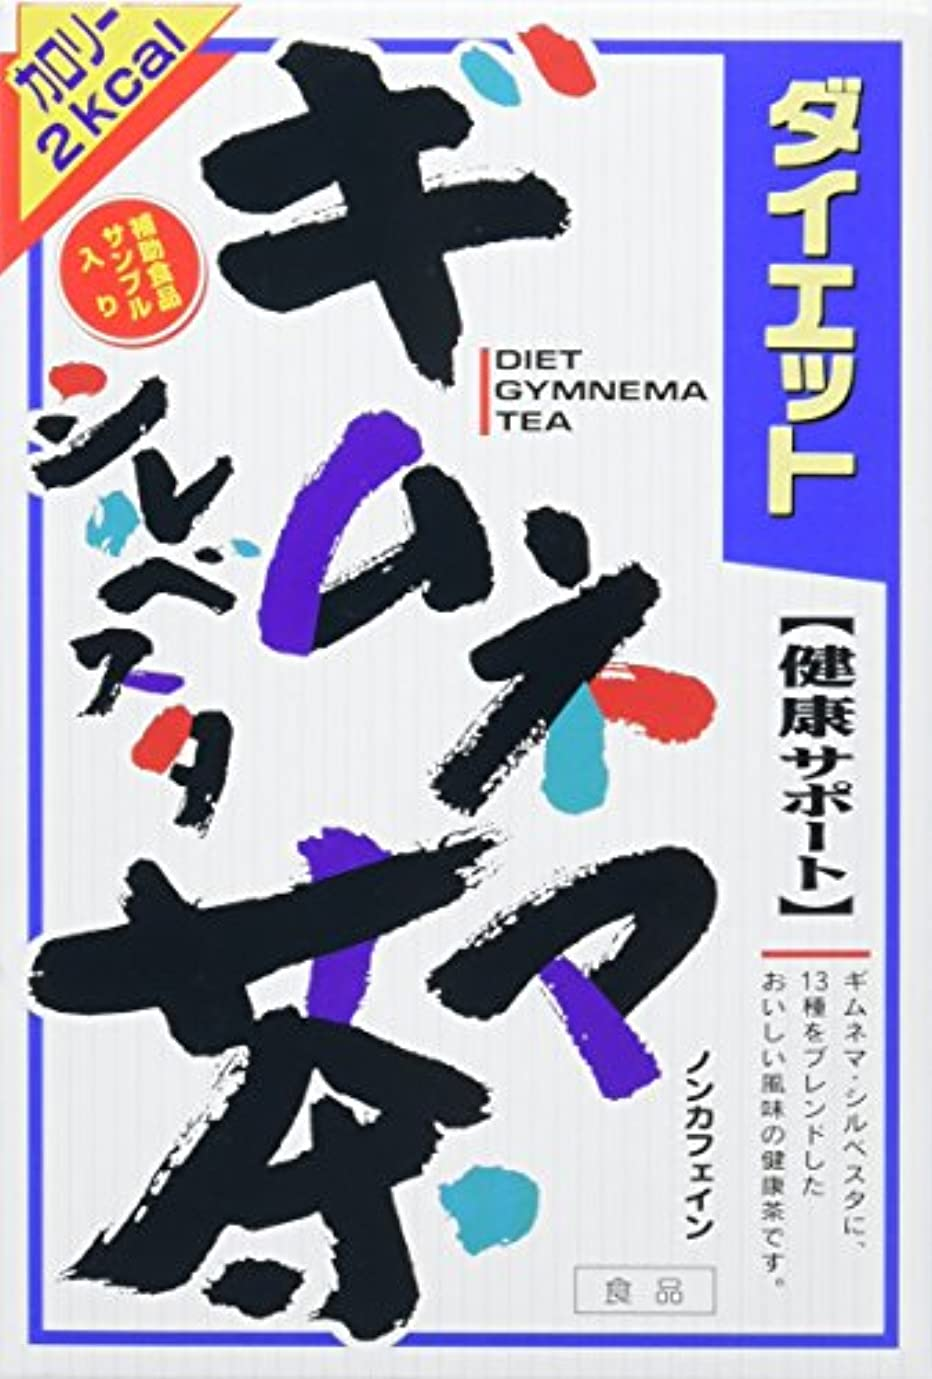 むしゃむしゃ取り戻す恐れ山本漢方製薬 ダイエットギムネマ茶980 8gX24H